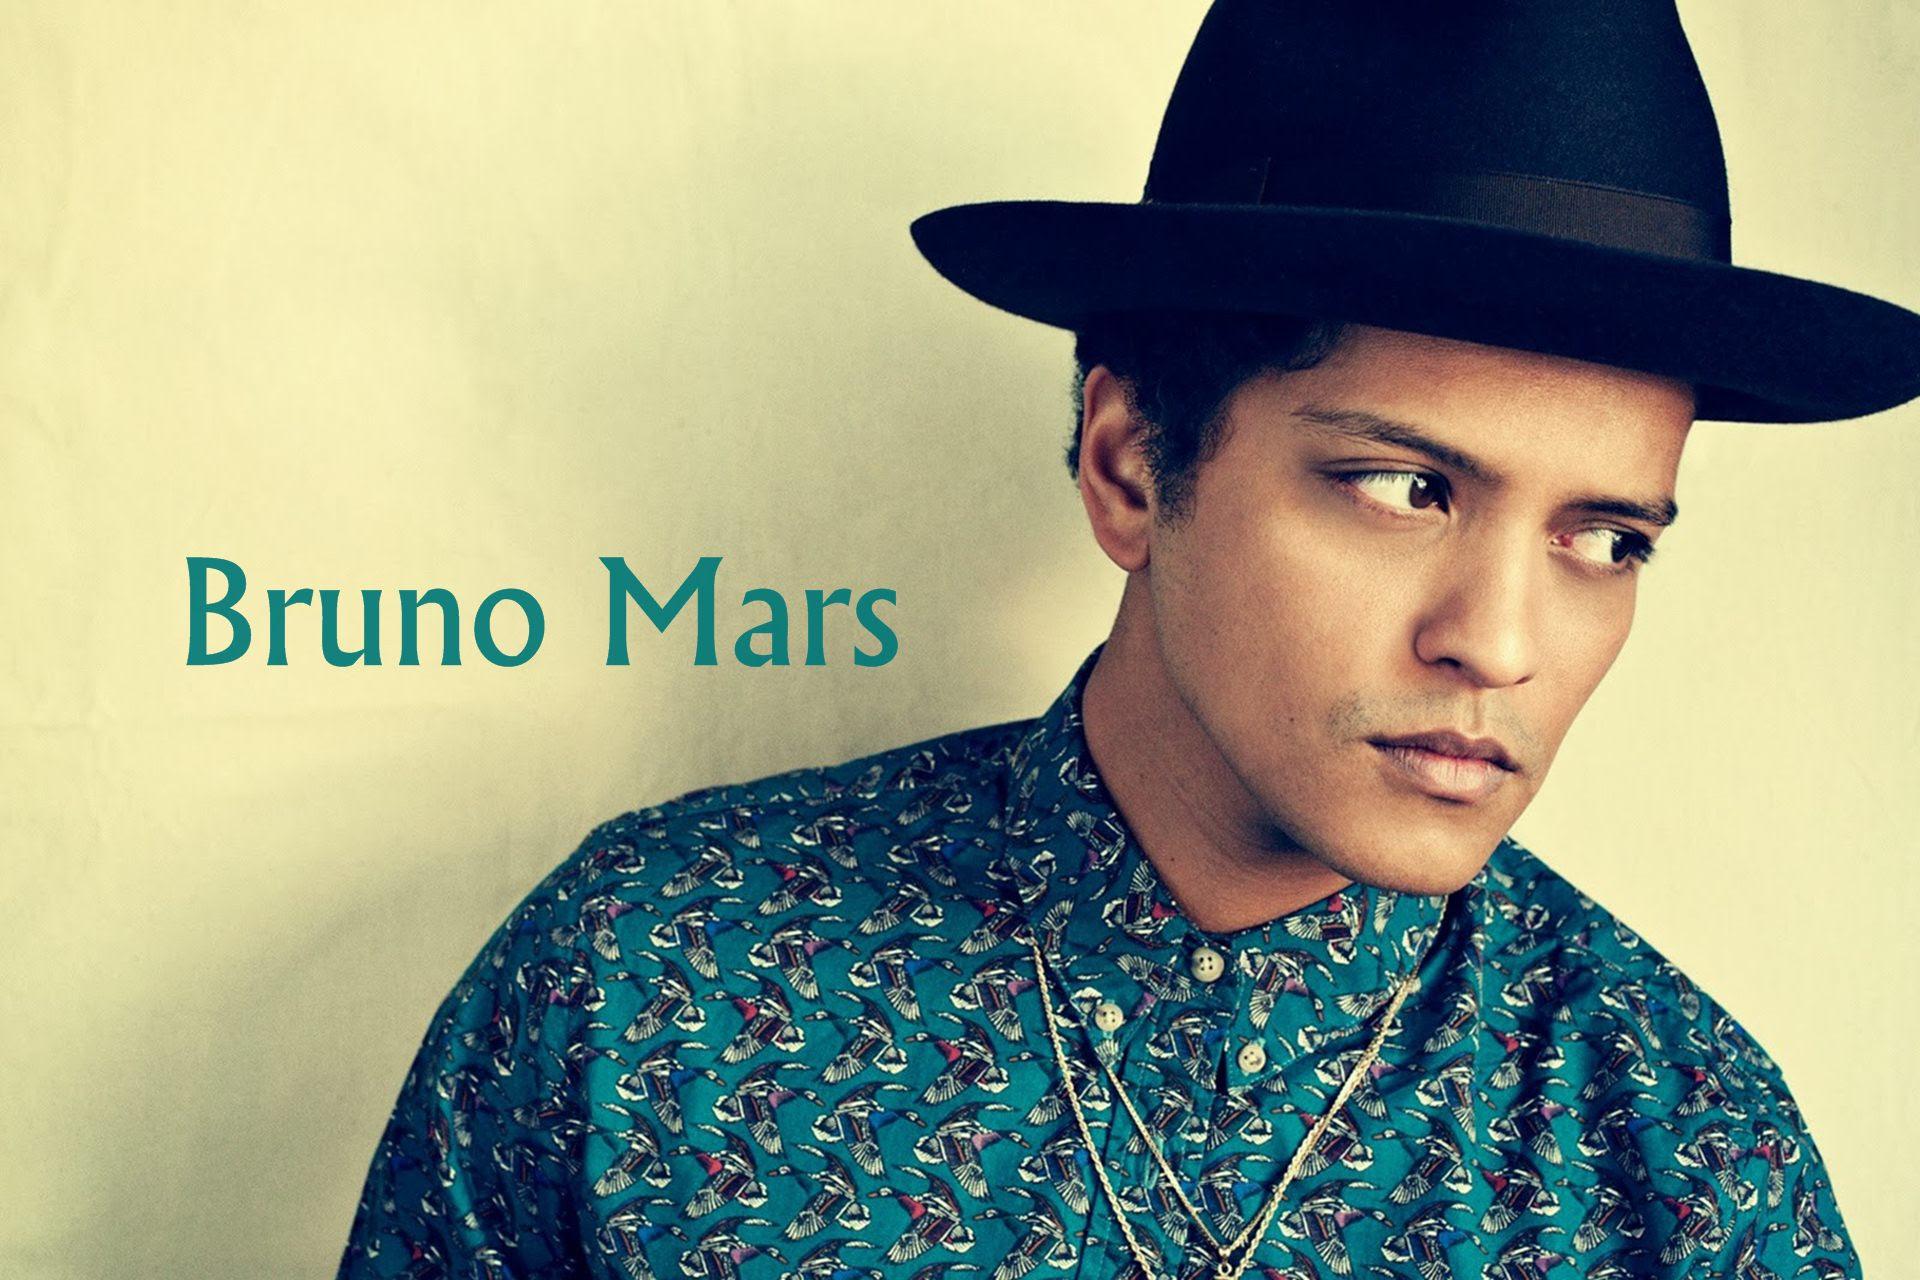 【印刷可能!】 Bruno Mars 壁紙